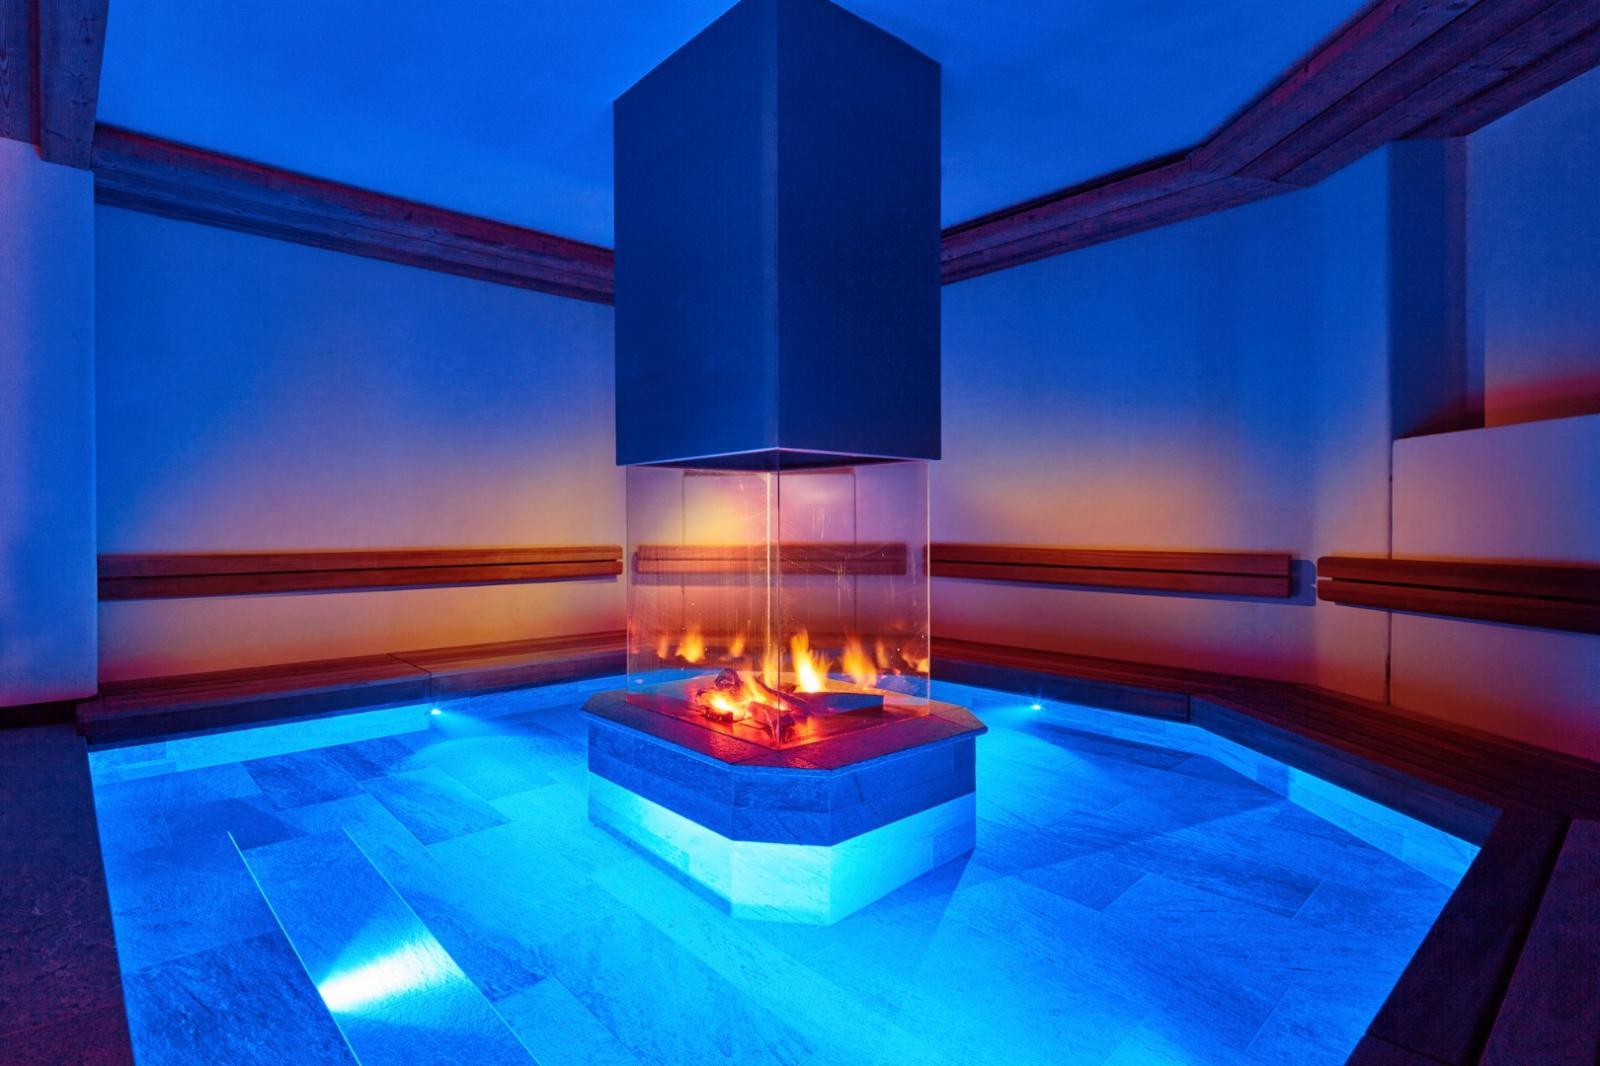 Das besondere Sauna-Event im Preidlhof!